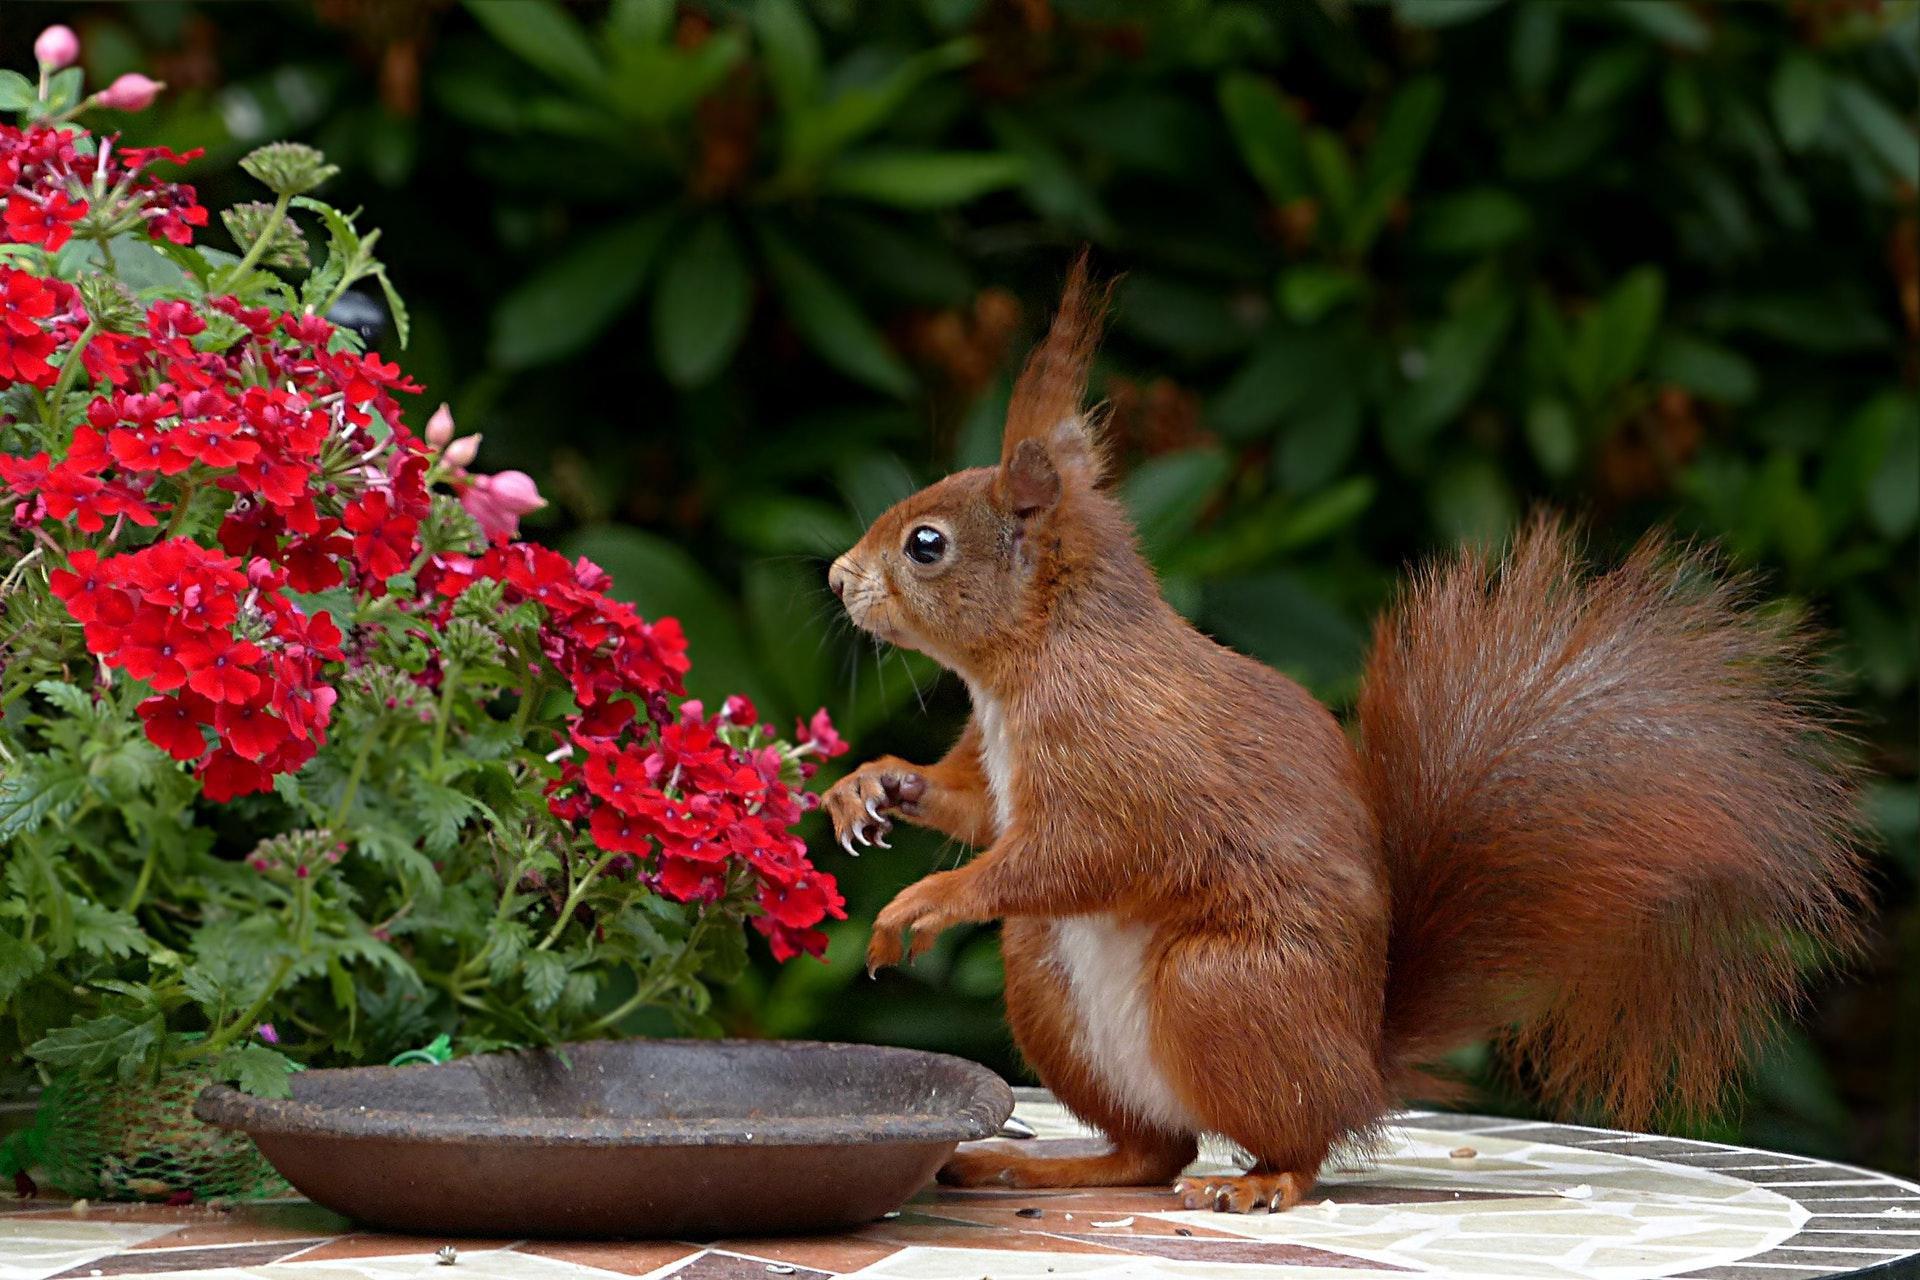 عکس زمینه سنجاب قهوه ای در کنار گل سرخ پس زمینه